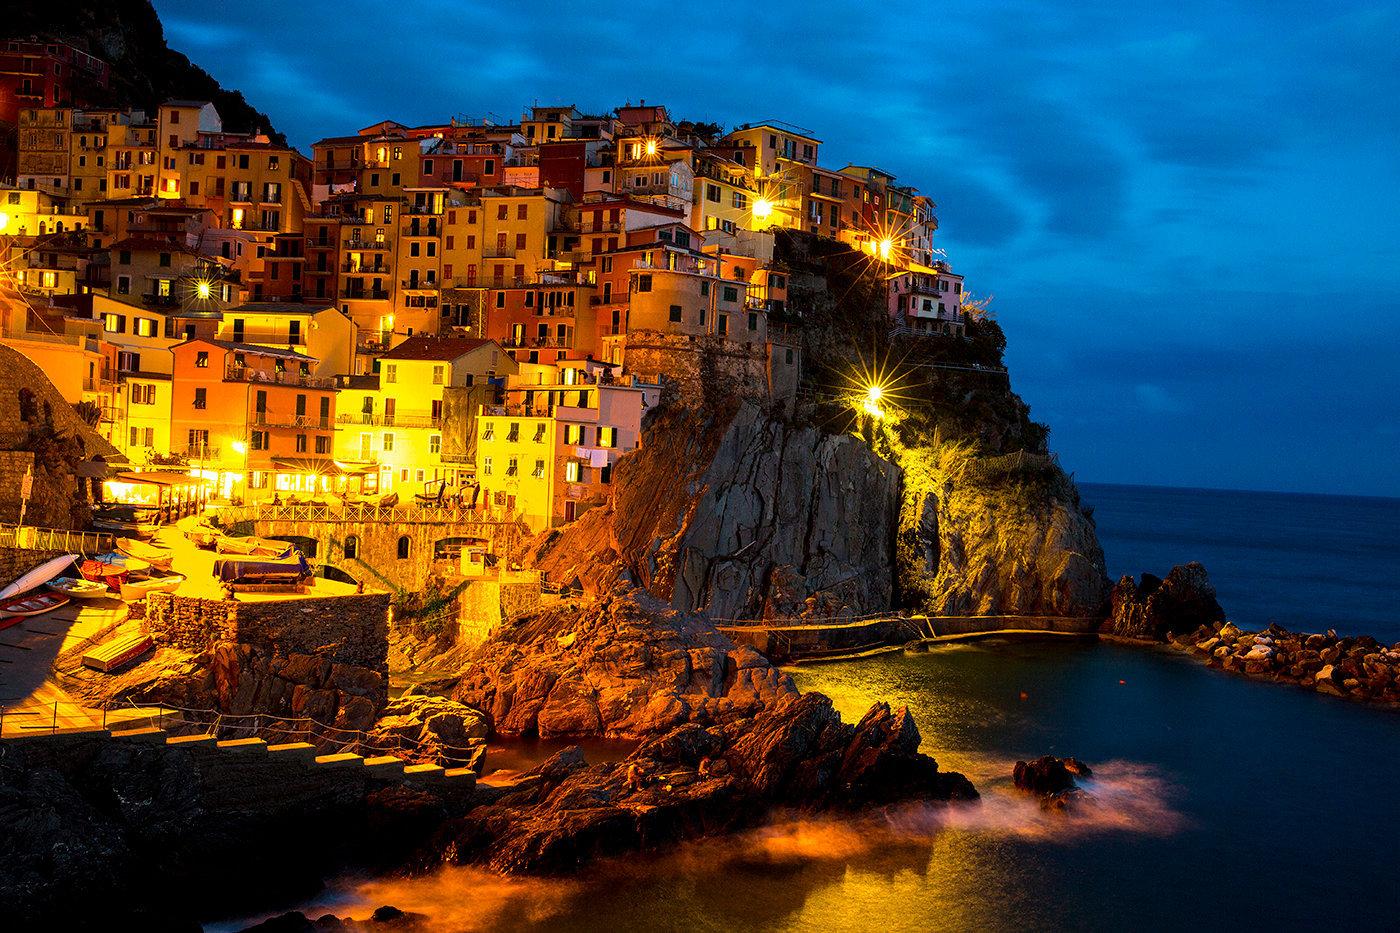 Ivanlasso__Italia_2996.jpg